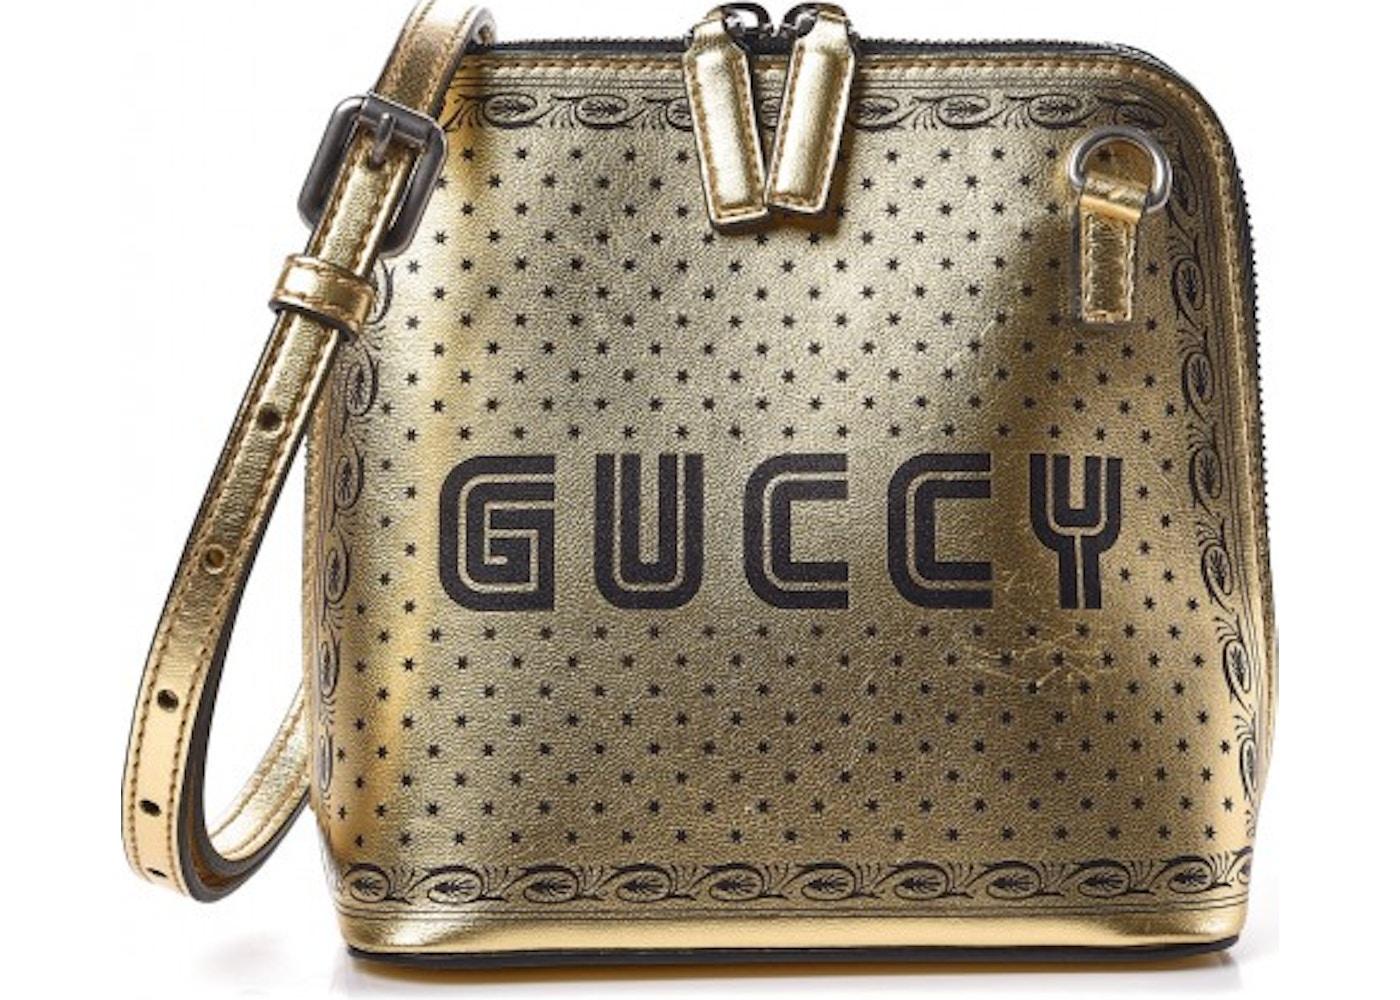 b2298f08feab Gucci Guccy Top Zip Shoulder Bag Mini Gold. Mini Gold